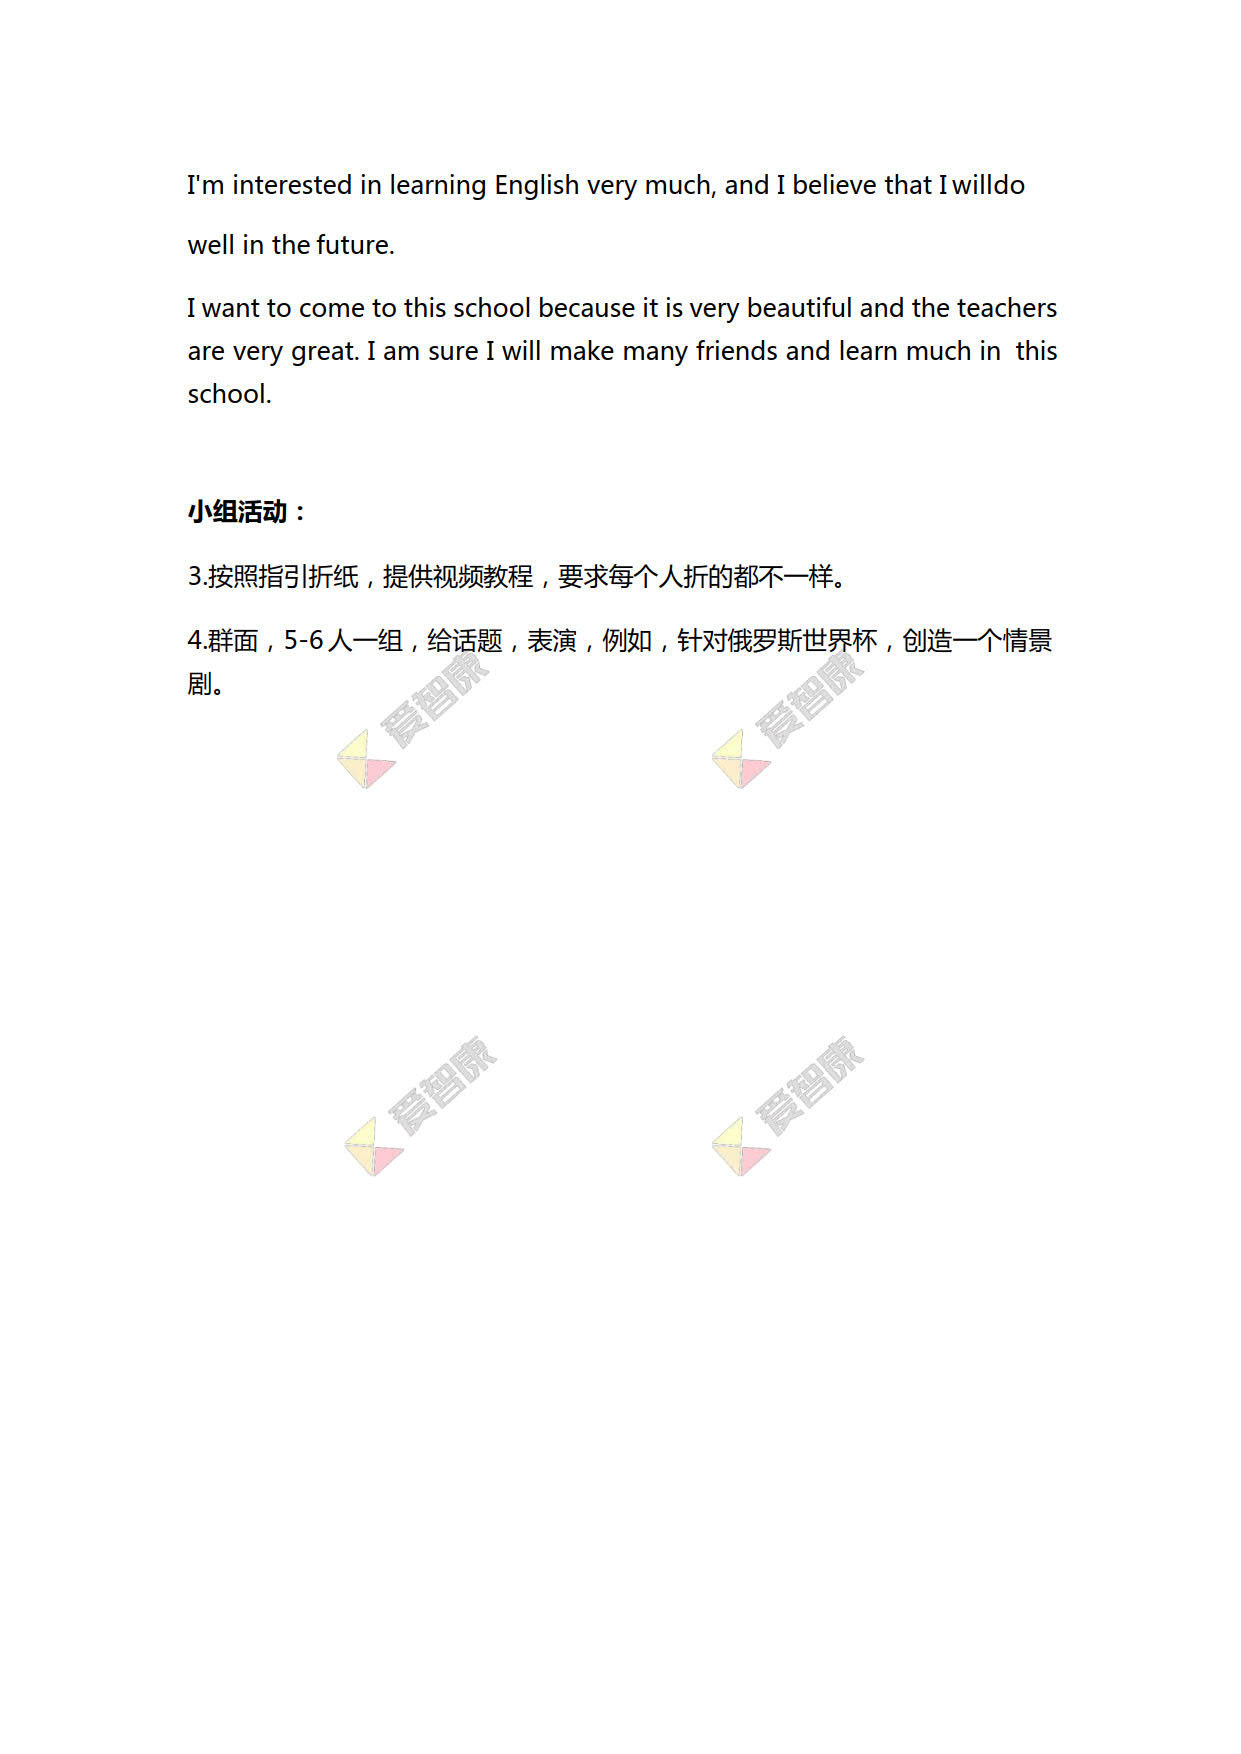 2018年广州中大附中对话题目&解析